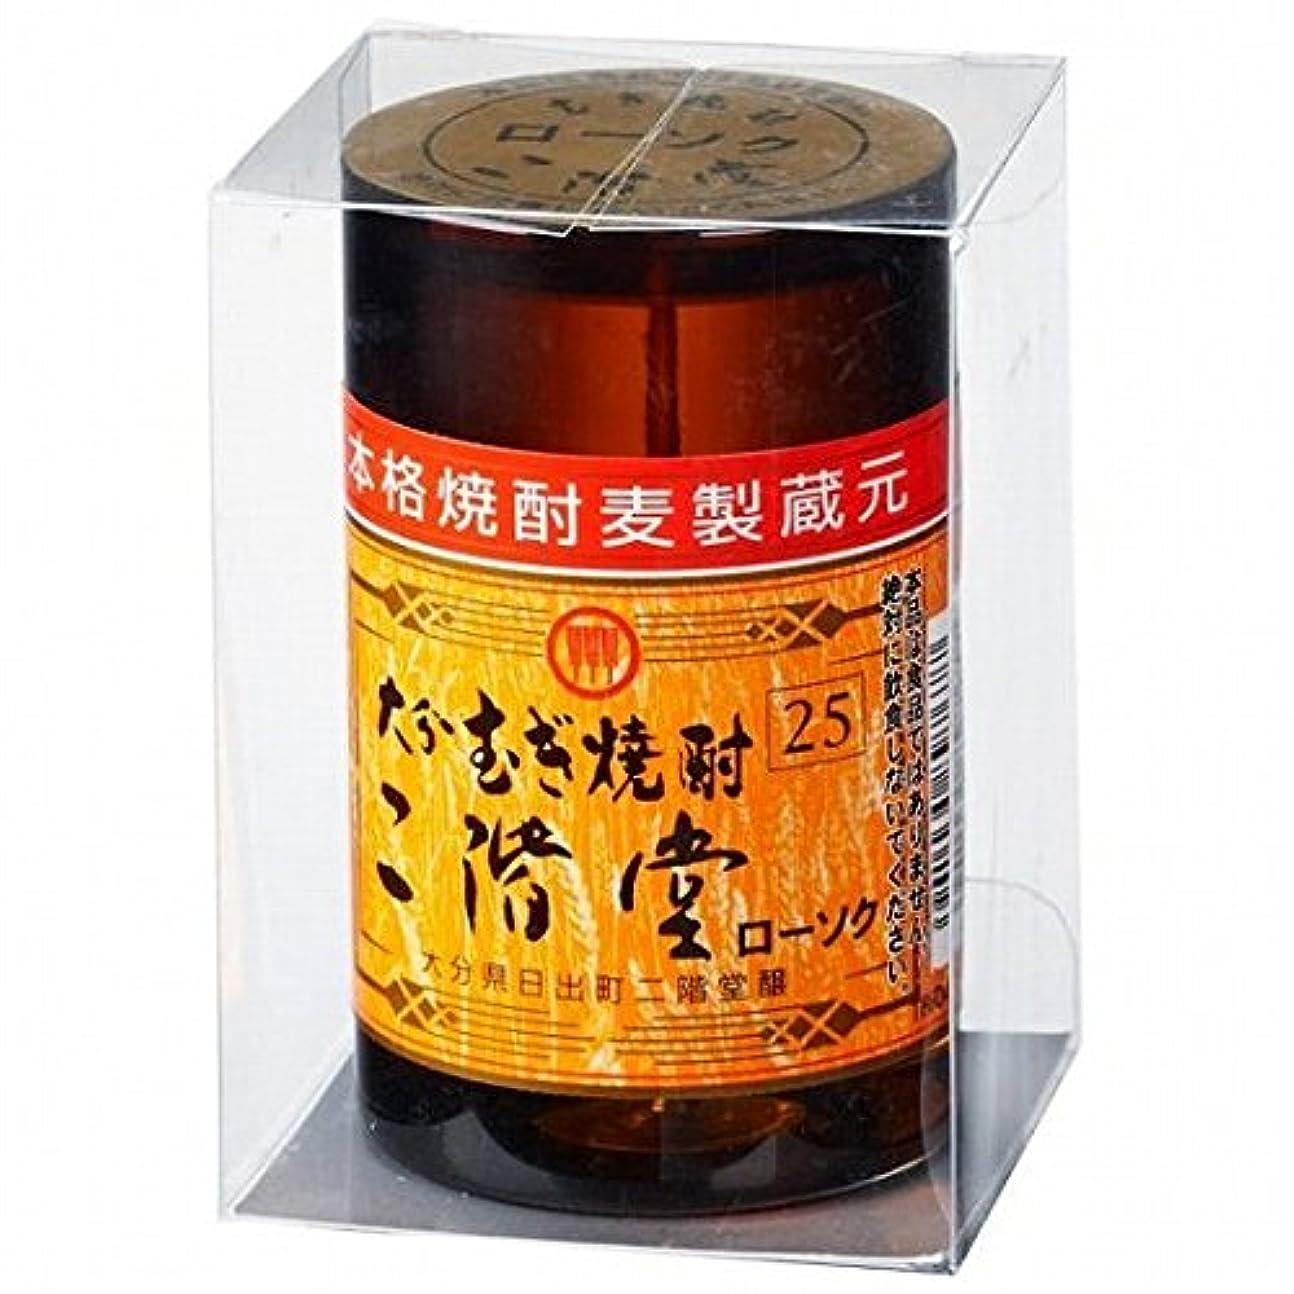 シャッフル療法男kameyama candle(カメヤマキャンドル) 大分むぎ焼酎 二階堂ローソク キャンドル(86040000)